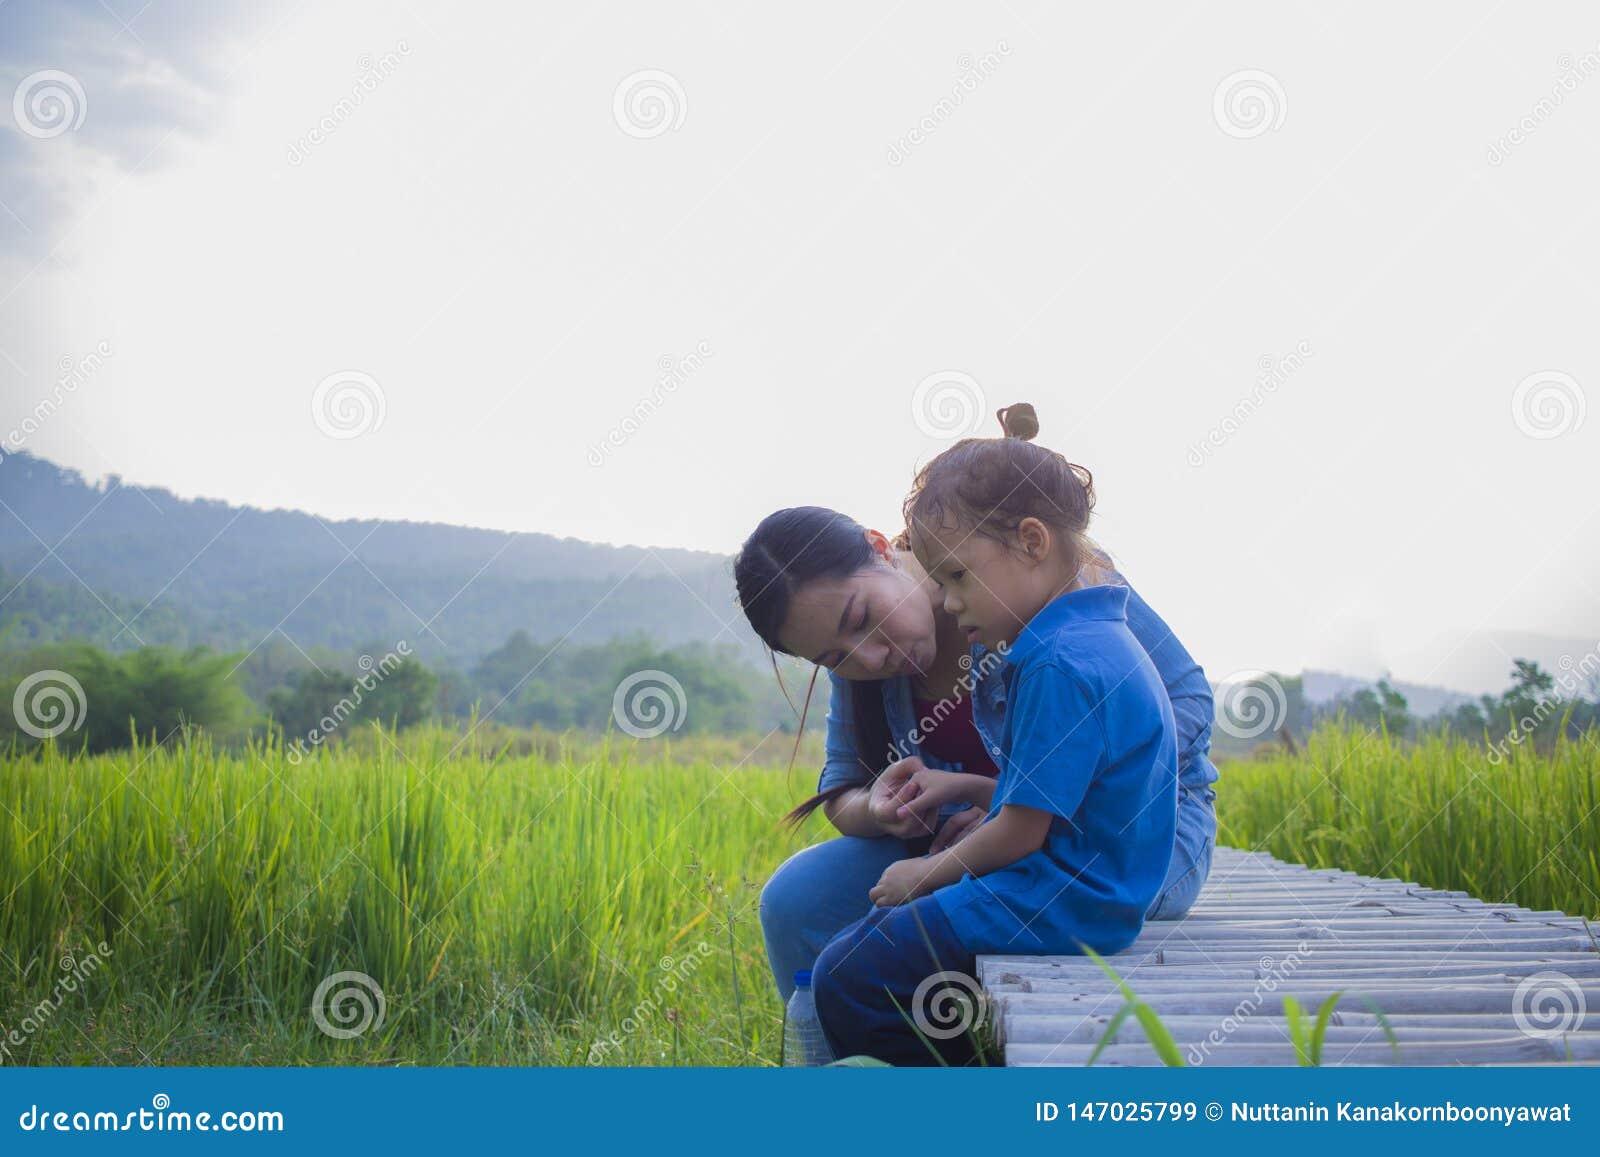 Молодая мать обнимая и успокаивая плача маленького длинного мальчика волос, азиатской матери пробуя утешить и утихомирить вниз ее